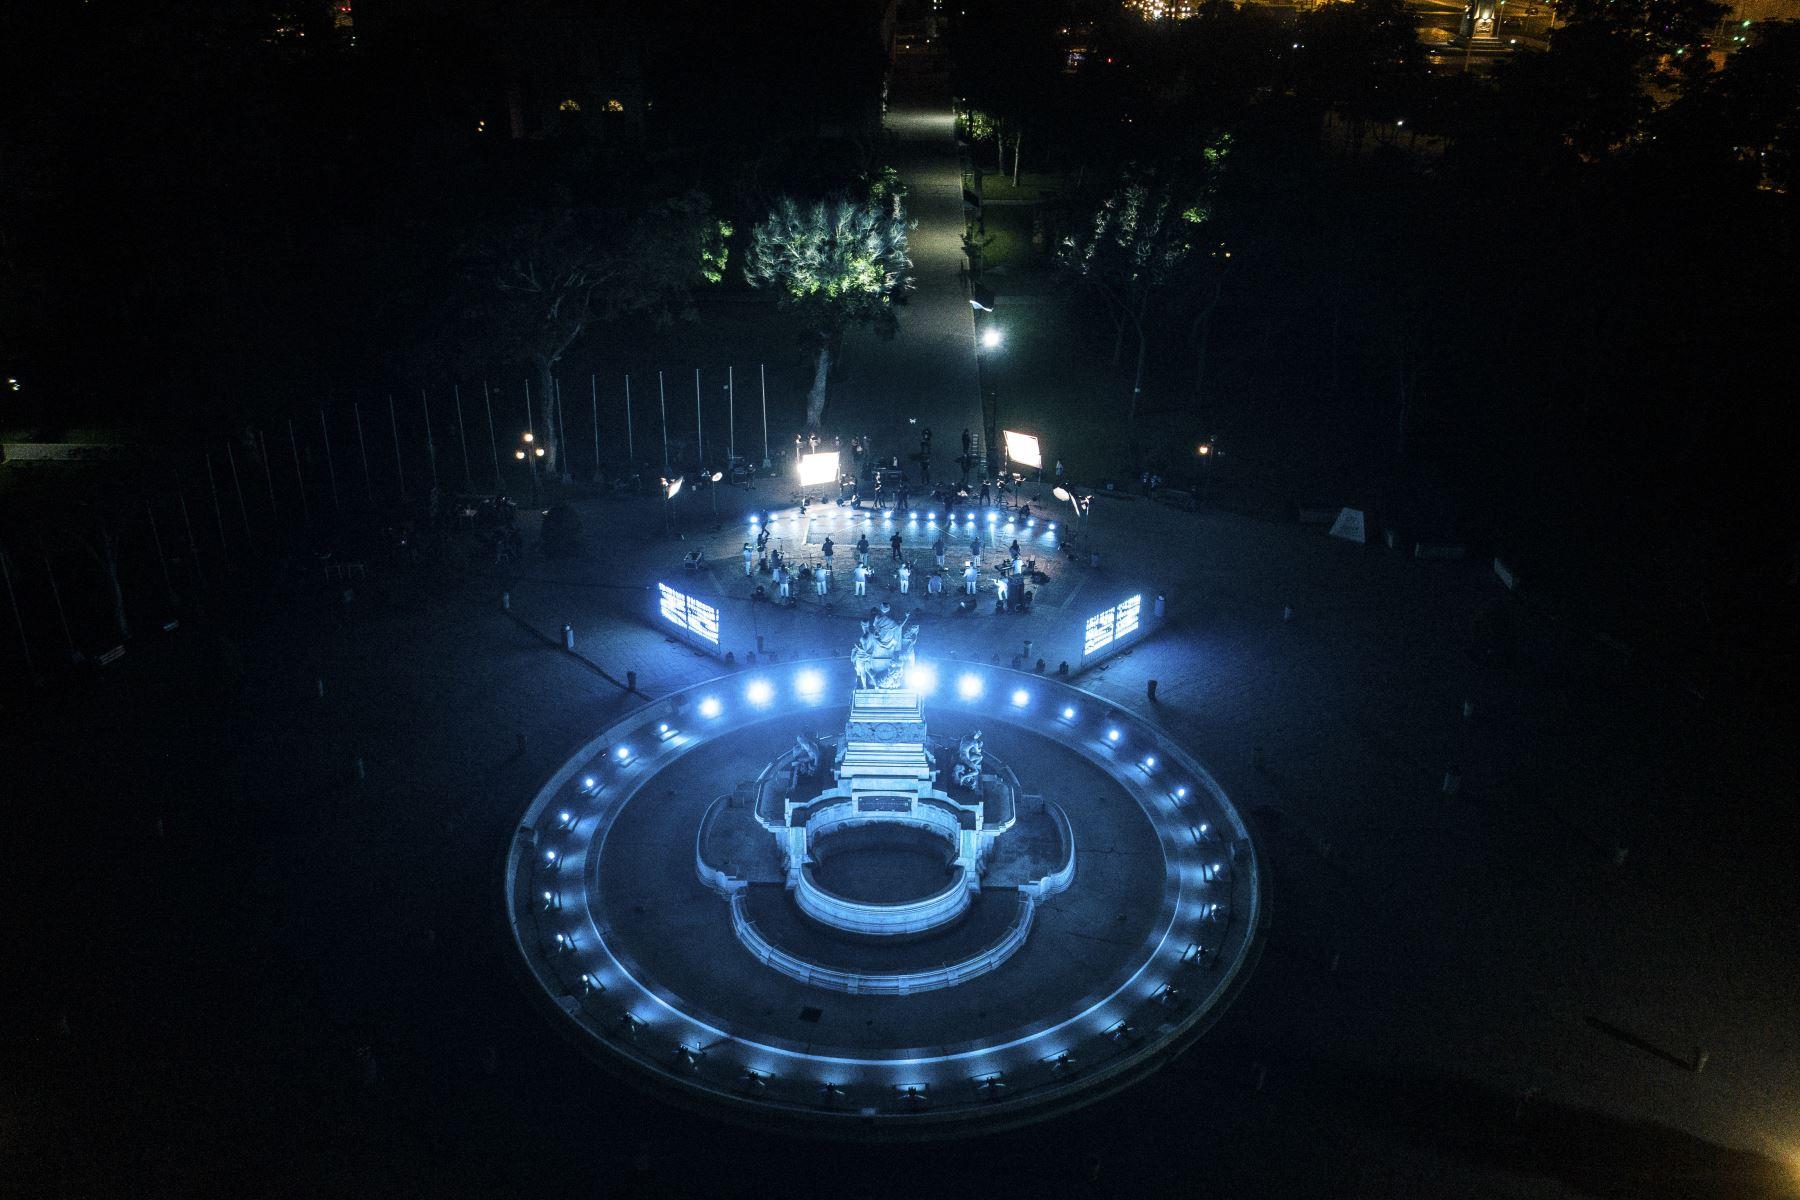 La Municipalidad Metropolitana de Lima realizó una serenata virtual para celebrar los 486 años de fundación de la ciudad de Lima. Bartola, Daniela Darcourt, Dilbert Aguilar y Orquesta La Tribu, William Luna, Laurita Pacheco y muchos artistas más participaron en la ceremonia. Foto: MML